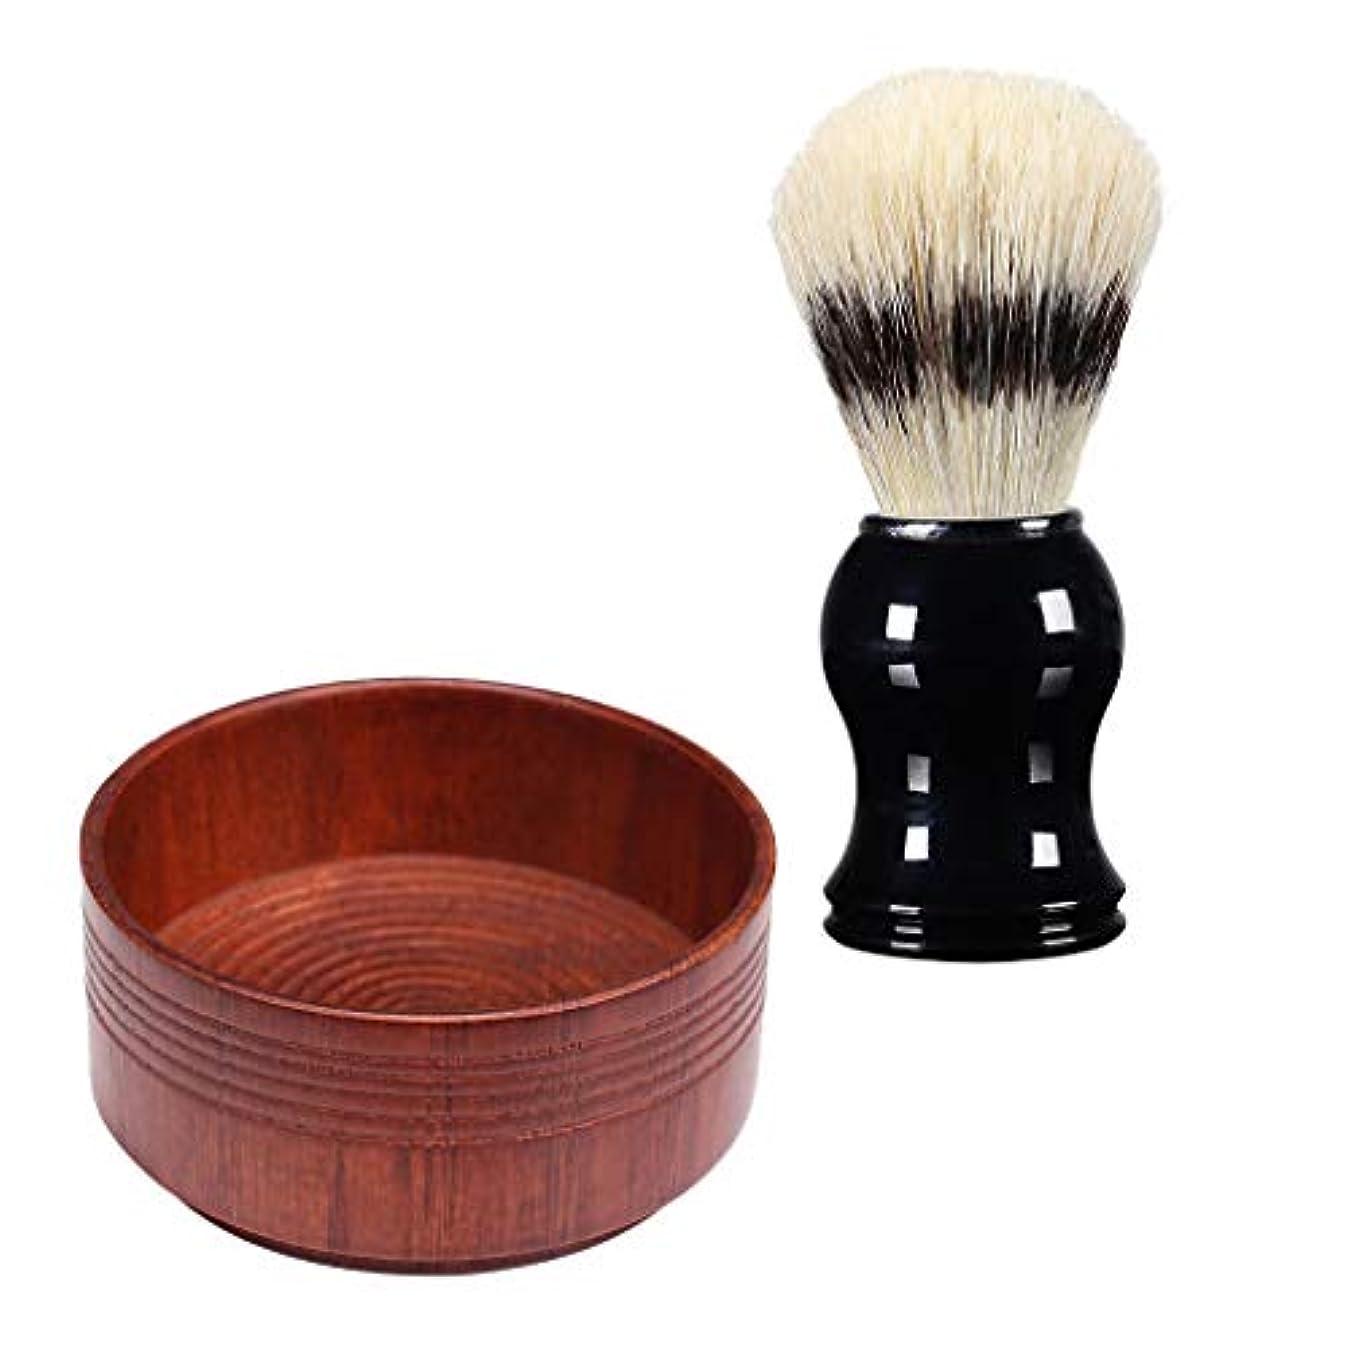 同時設置ミスHellery プロの男性のひげシェービングブラシ+オーク木製の石鹸クリームボウルマグカップセット - 03, 説明のとおり